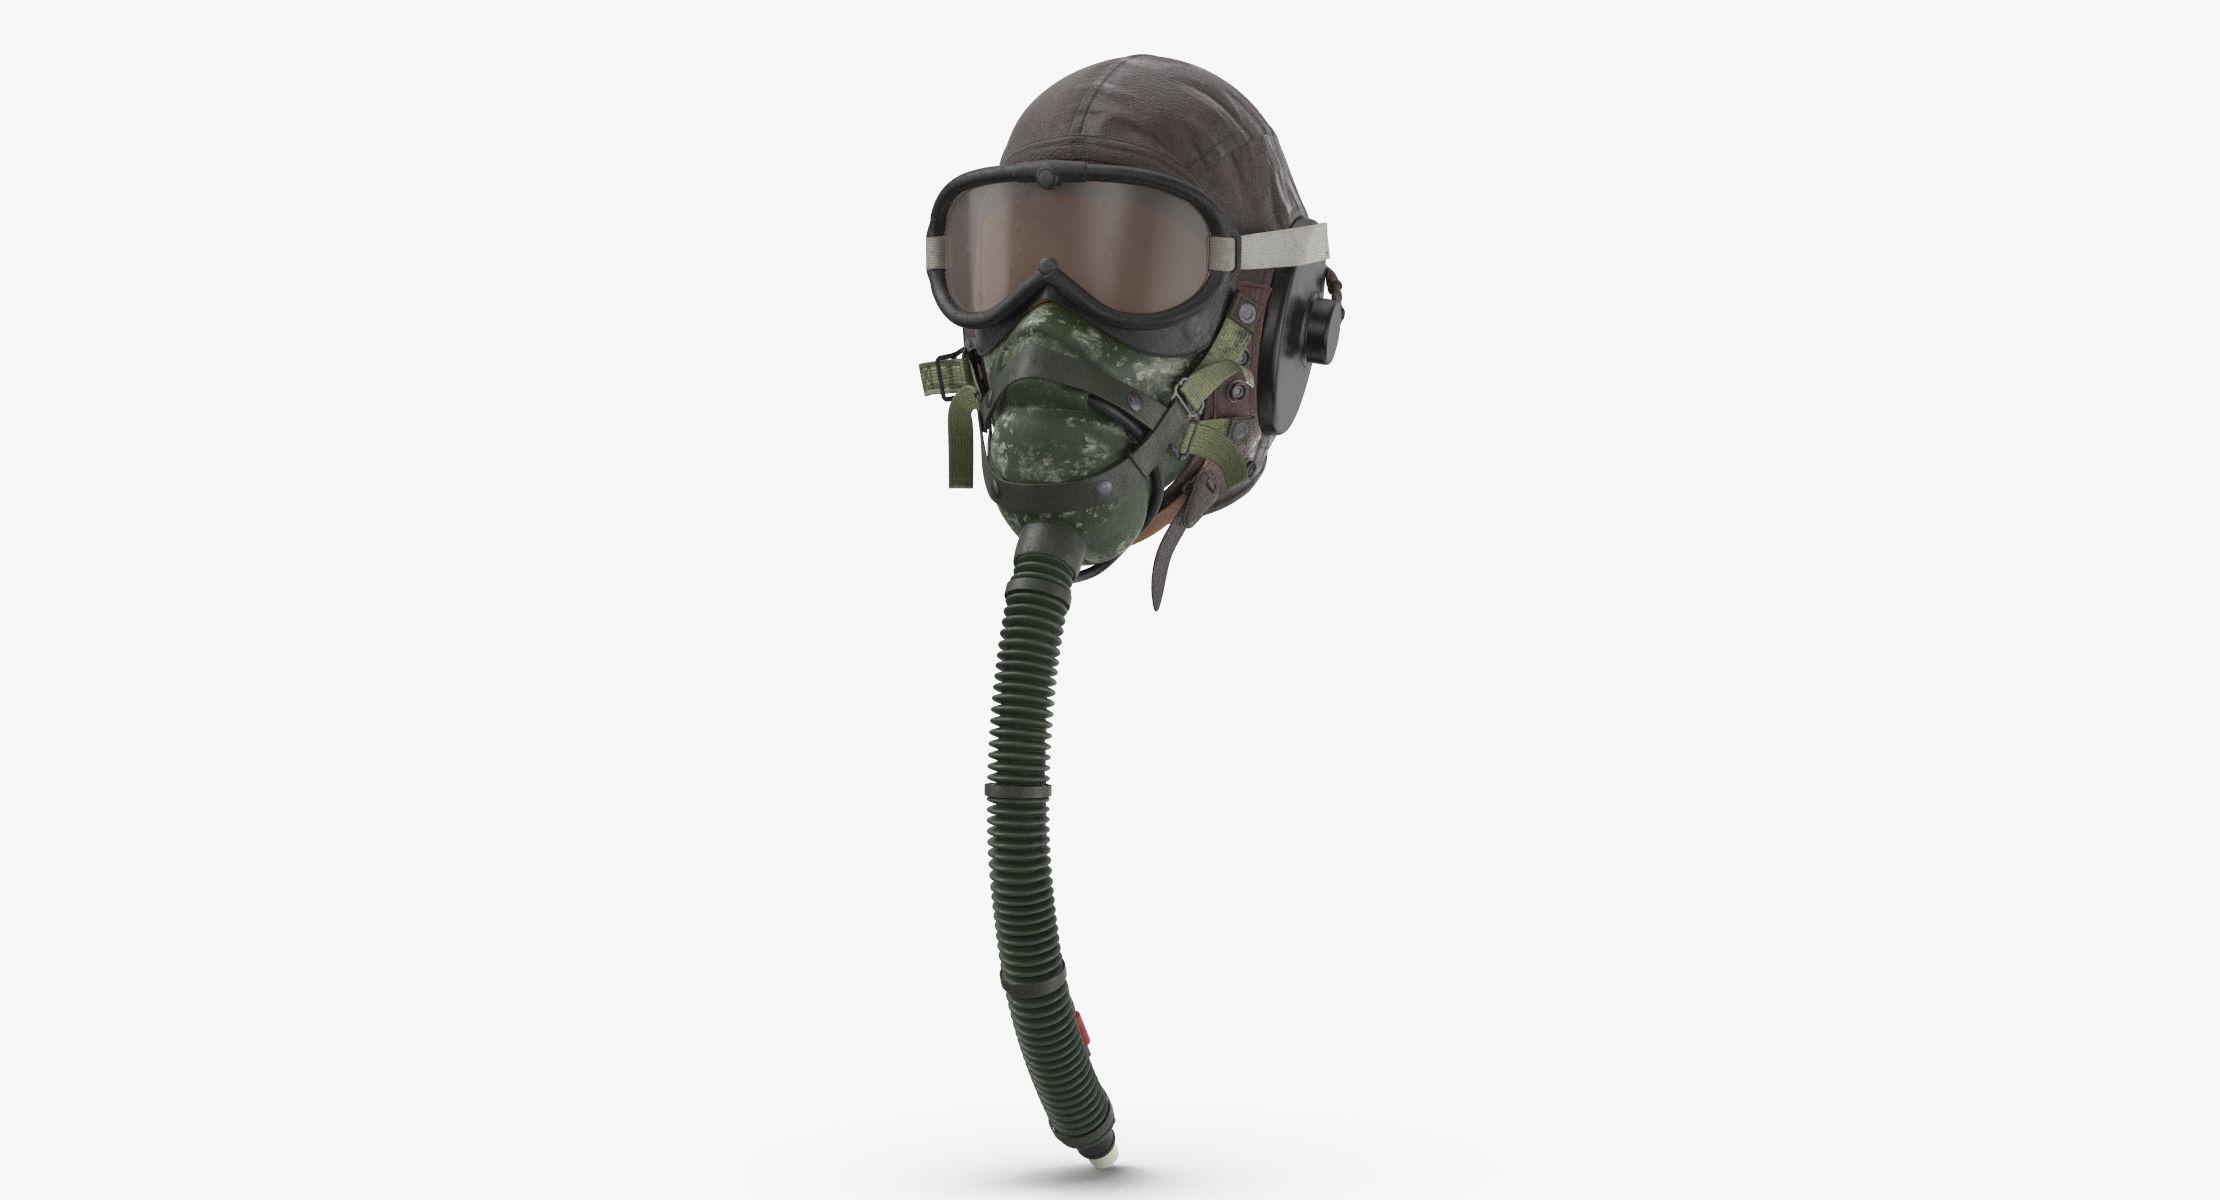 Pilot Head Gear With Oxygen Mask (WWII) - Worn 3D model - reel 1